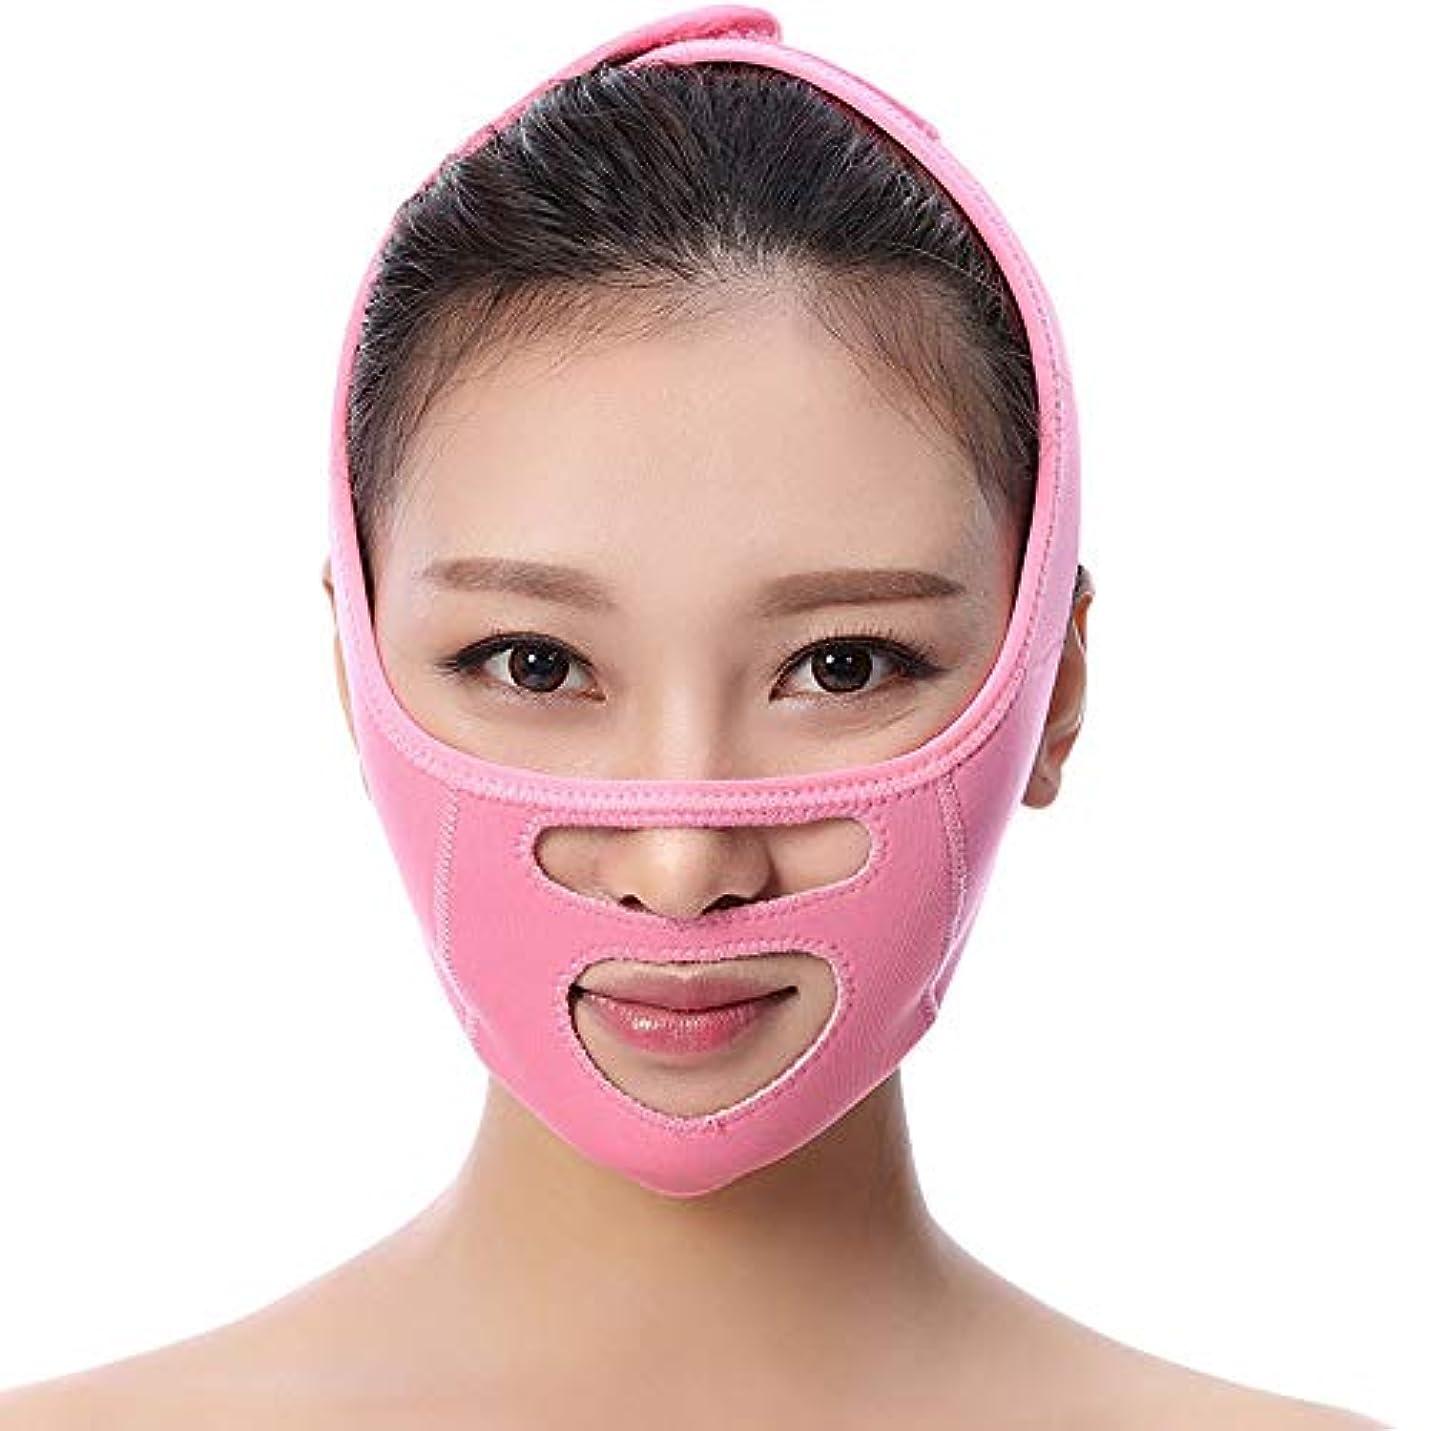 腹痛あいにくコールフェイスリフトマスク、薄型フェイスベルトを眠らせる/フェイスフェイスリフトアーチファクト(ブルー/ピンク)を令状にするために美容フェイスリフト包帯を強化,Pink